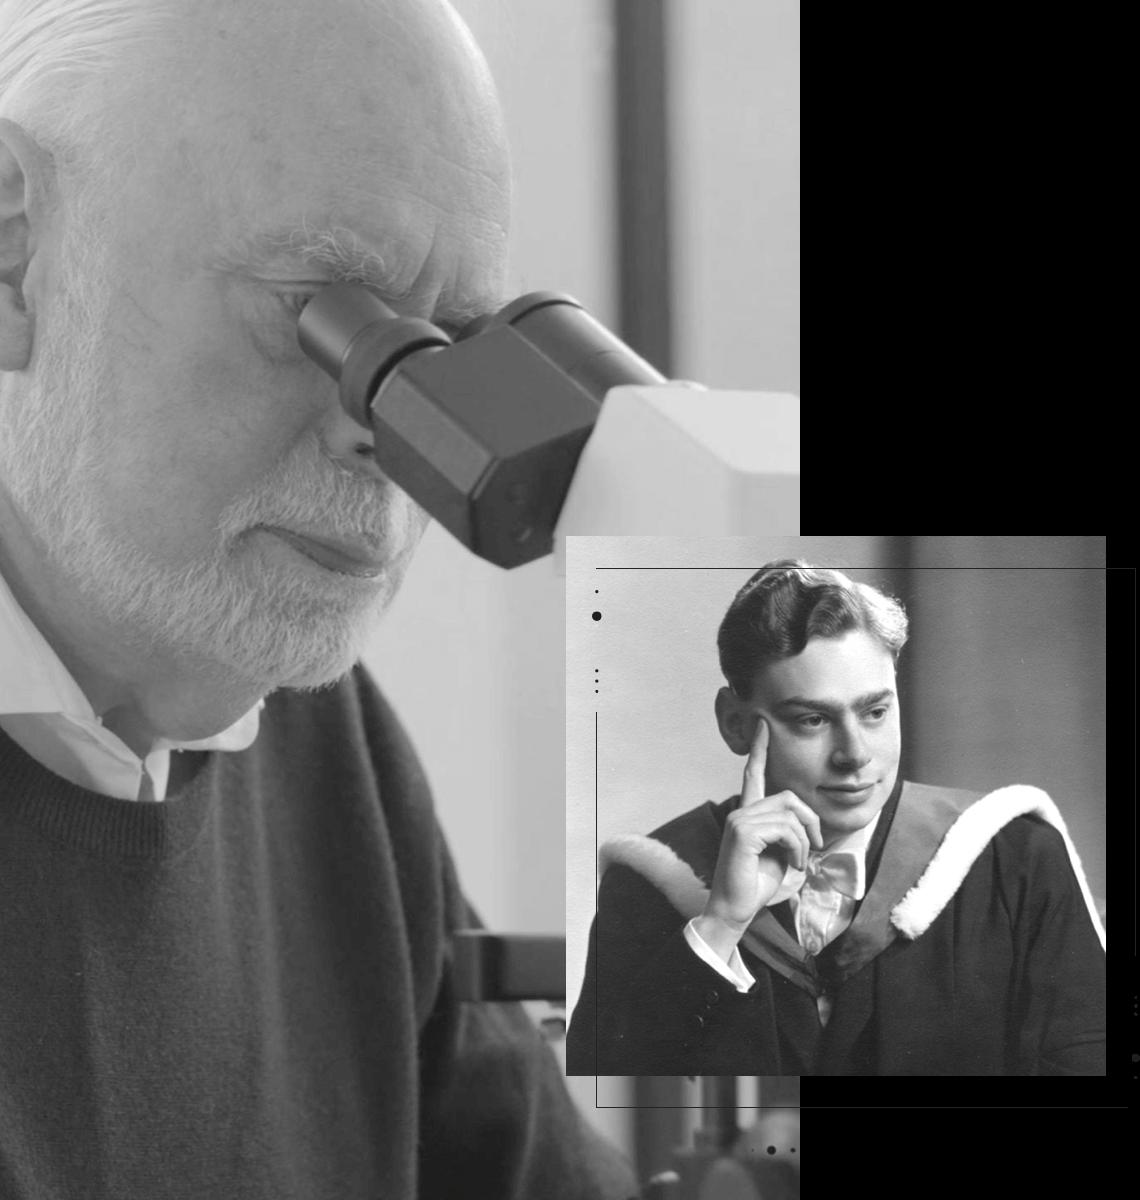 Sir Fraser's Philosophy images